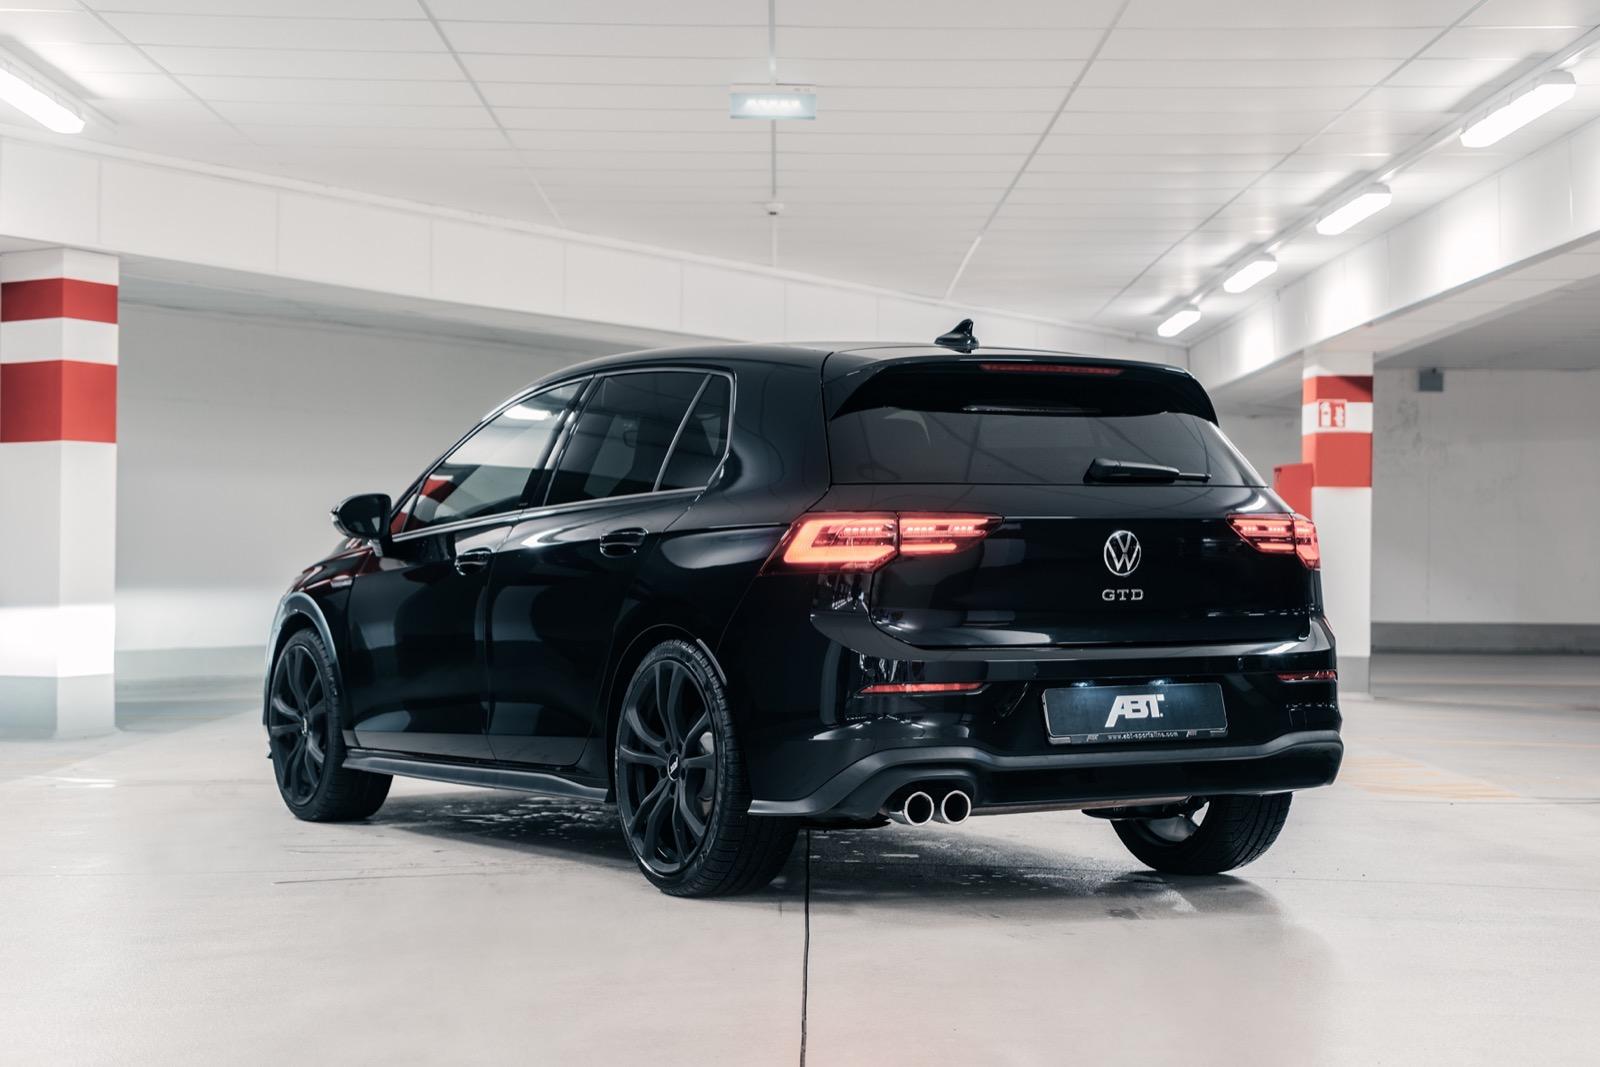 Volkswagen-Golf-GTE-ABT-Sportsline-6